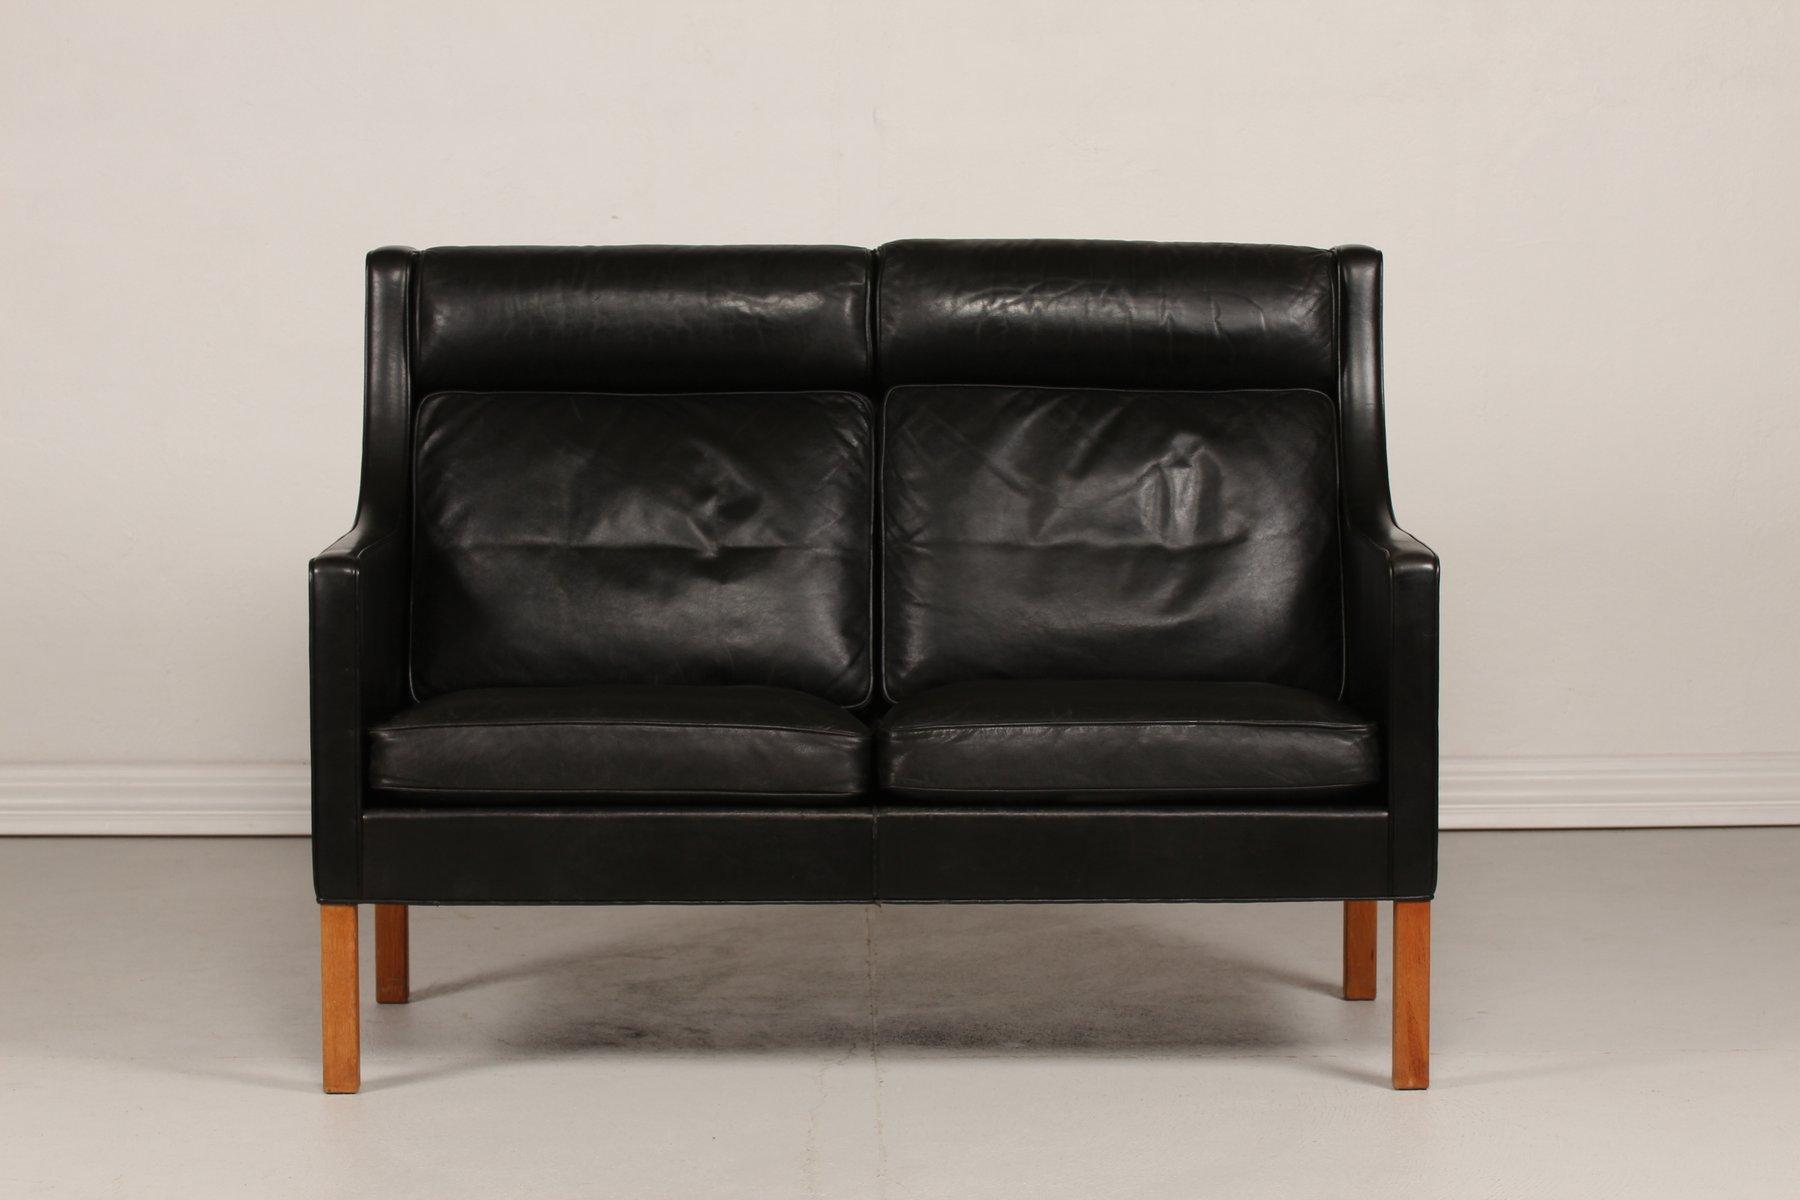 Modell 2432 schwarzes Ledersofa mit Beinen aus Eiche von Børge Mogense...